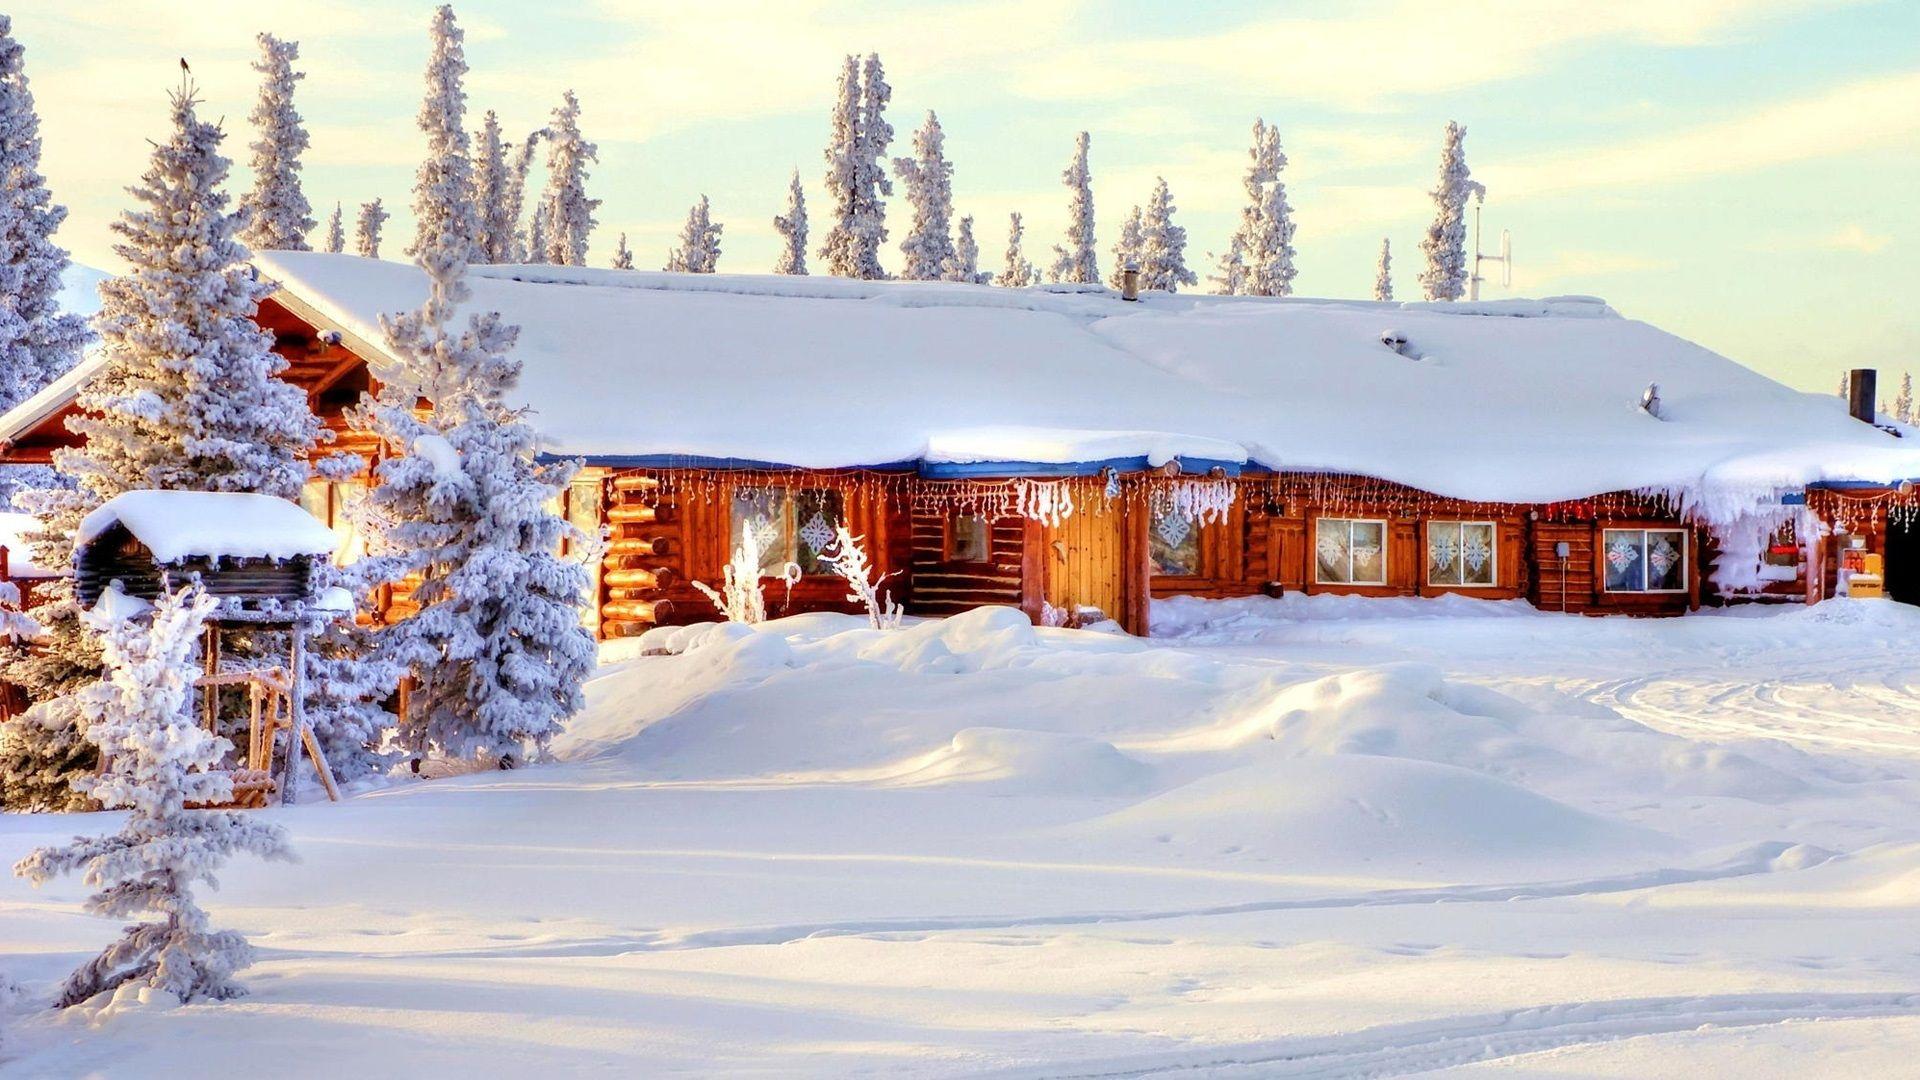 Hiver Neige Epaisse Maison Arbres Fonds D Ecran 1920x1080 Fond Ecran Hiver Fond Ecran Christmas Lodge